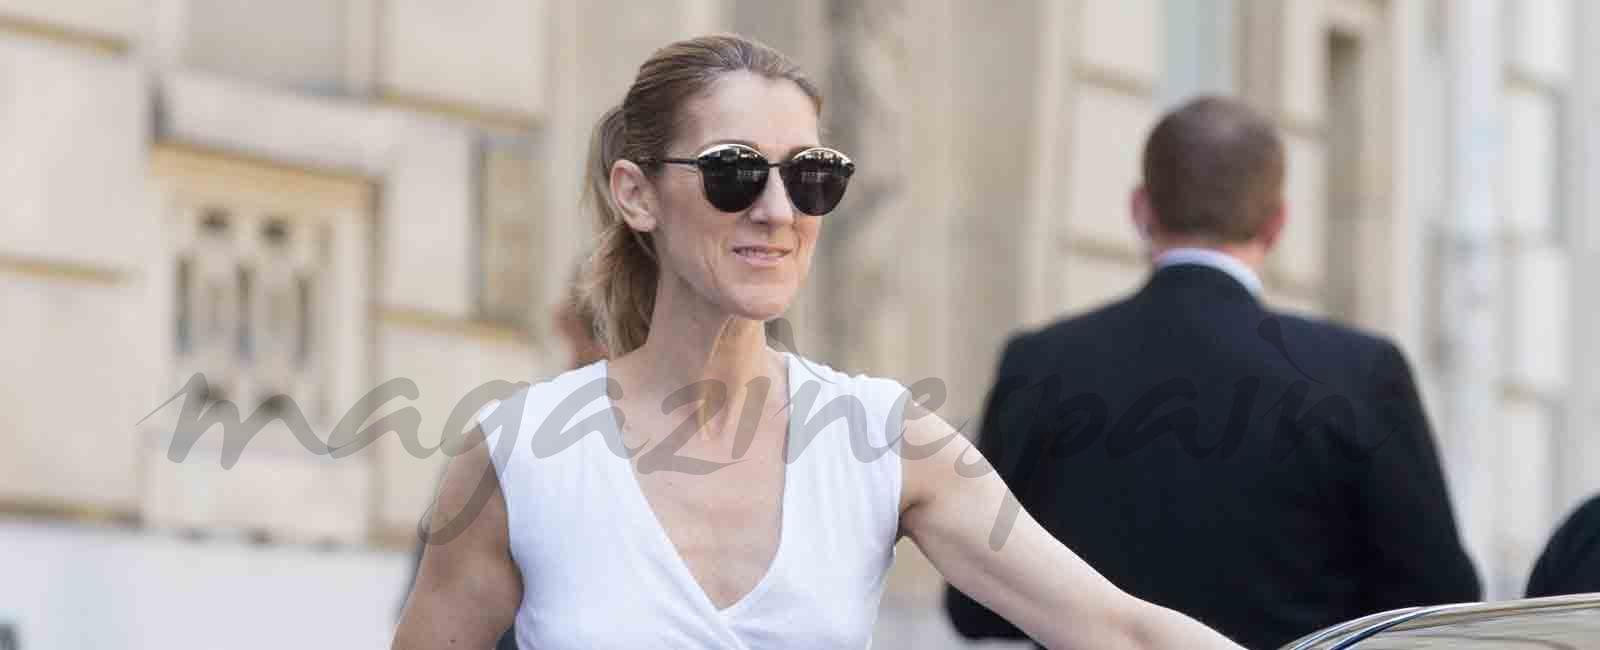 Celine Dion y Pepe Muñoz continúan su romance en París